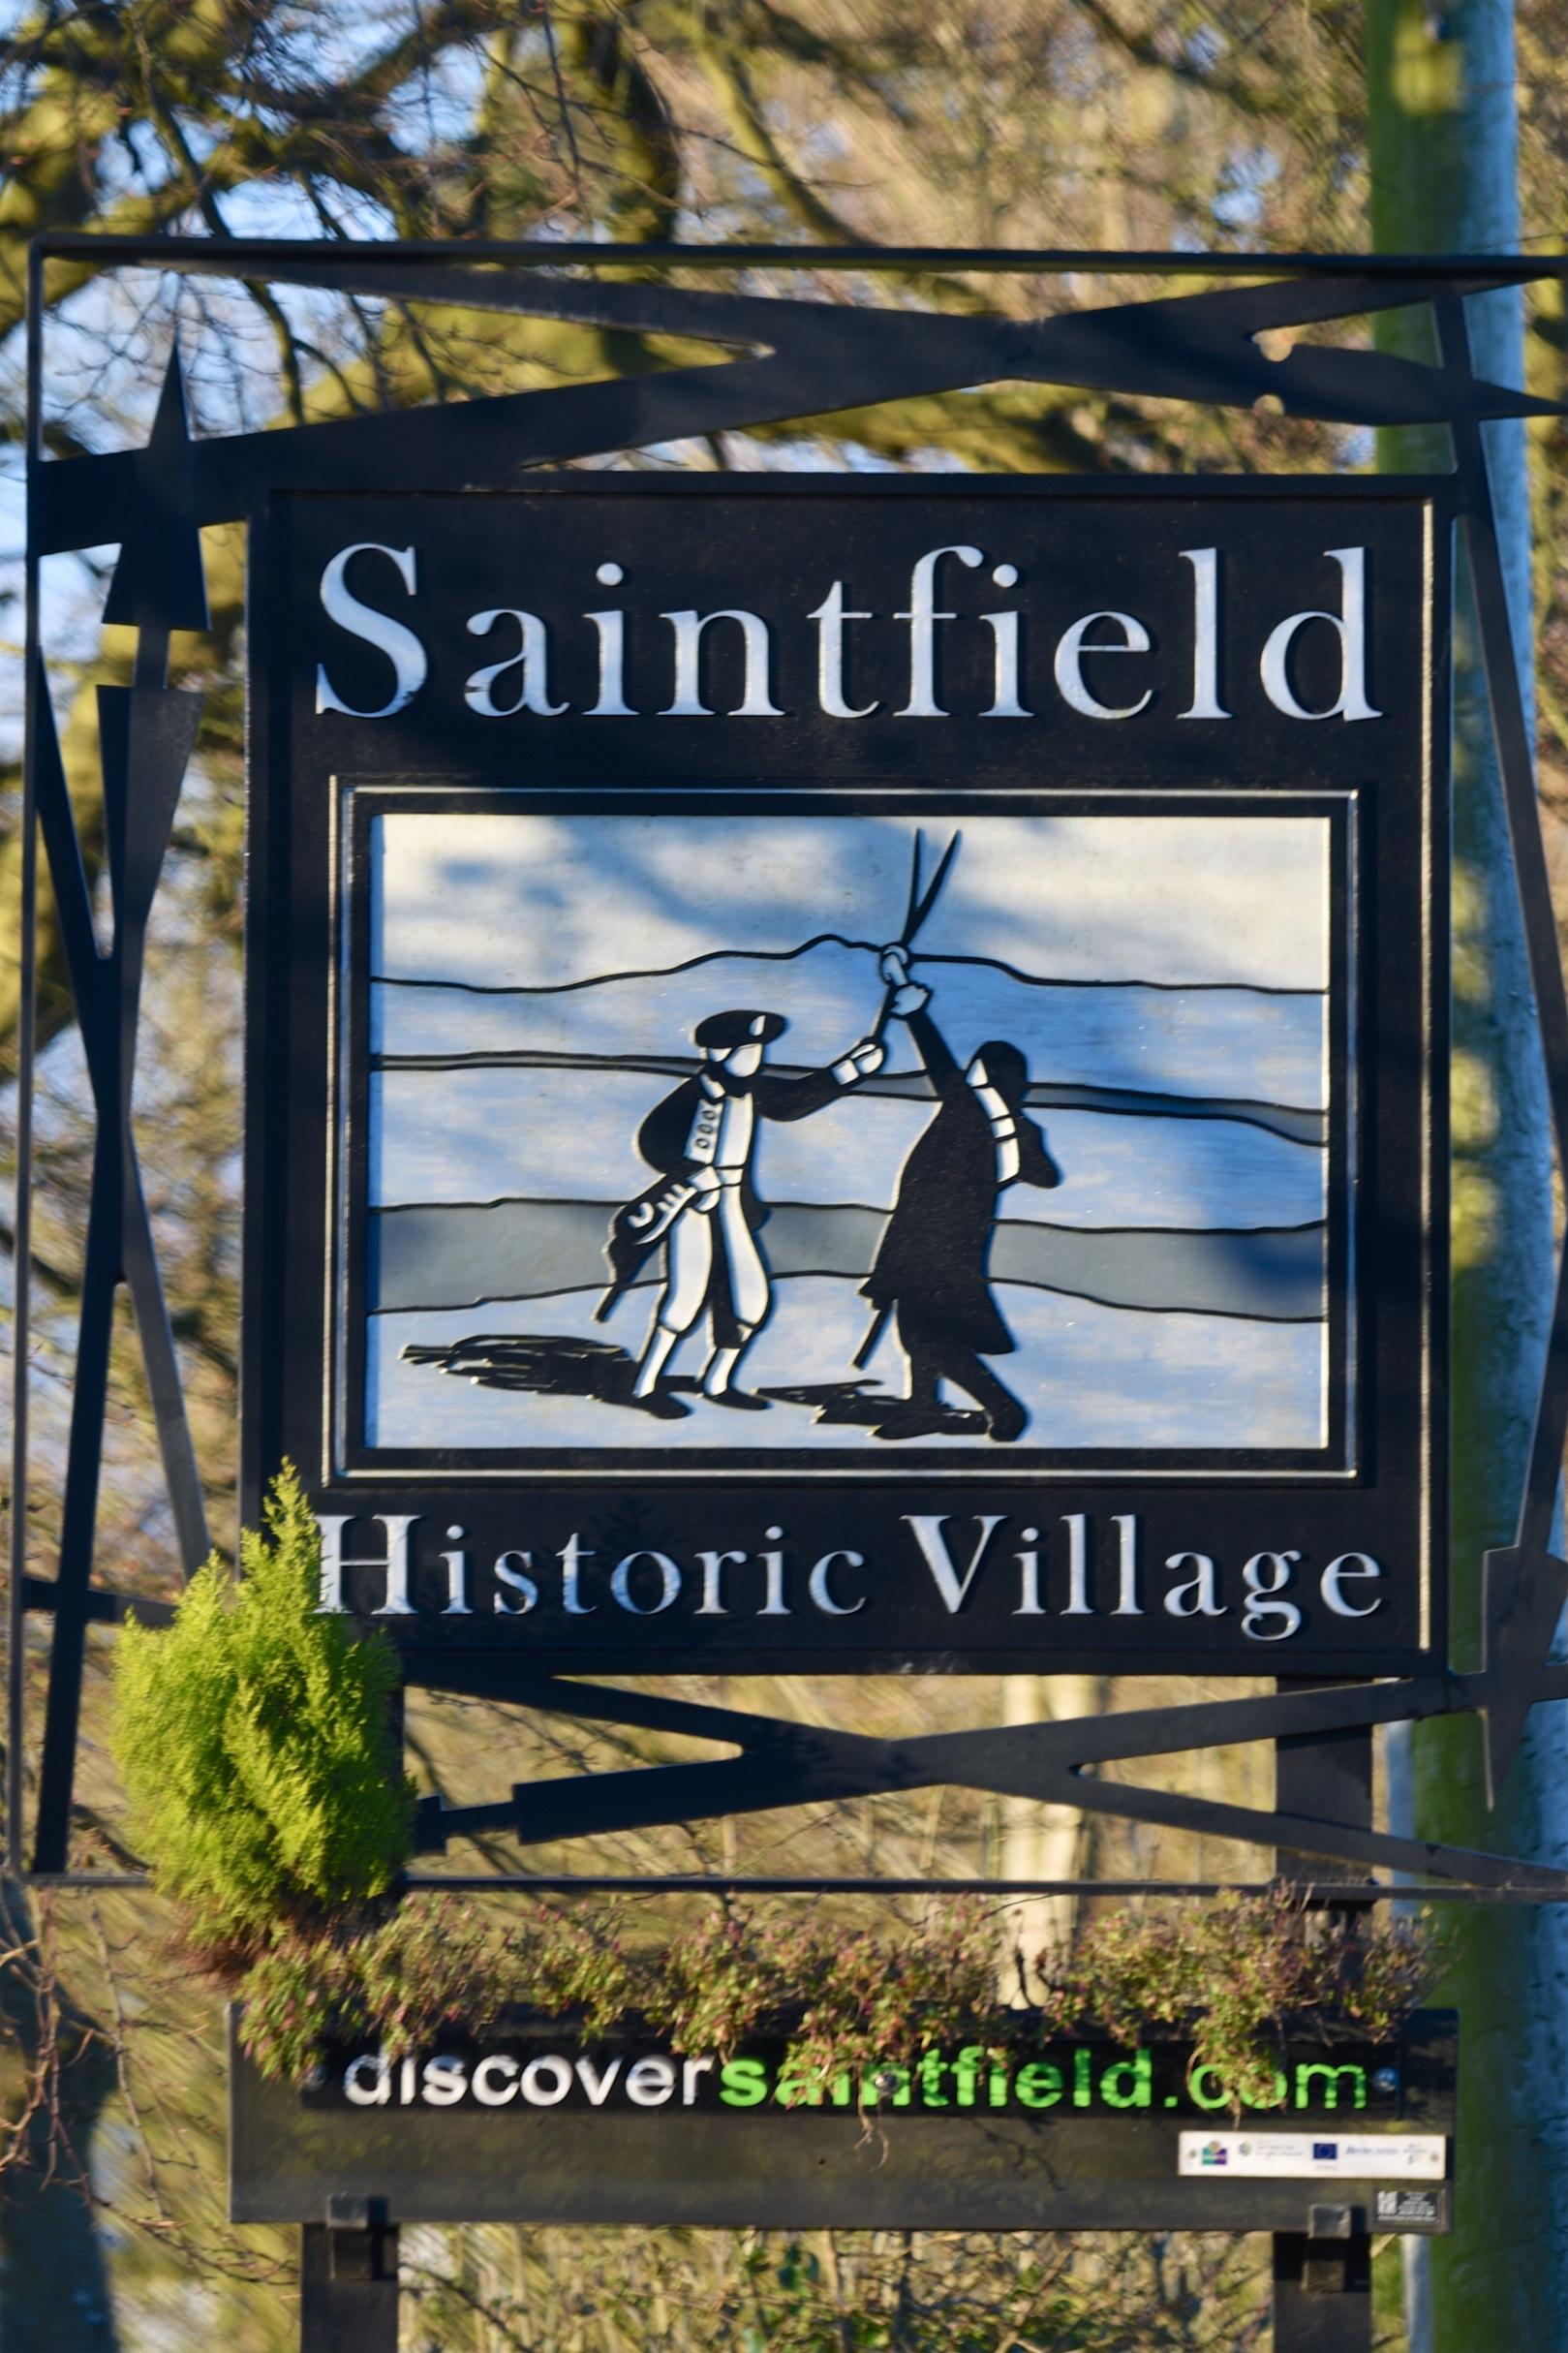 Saintfield Parks